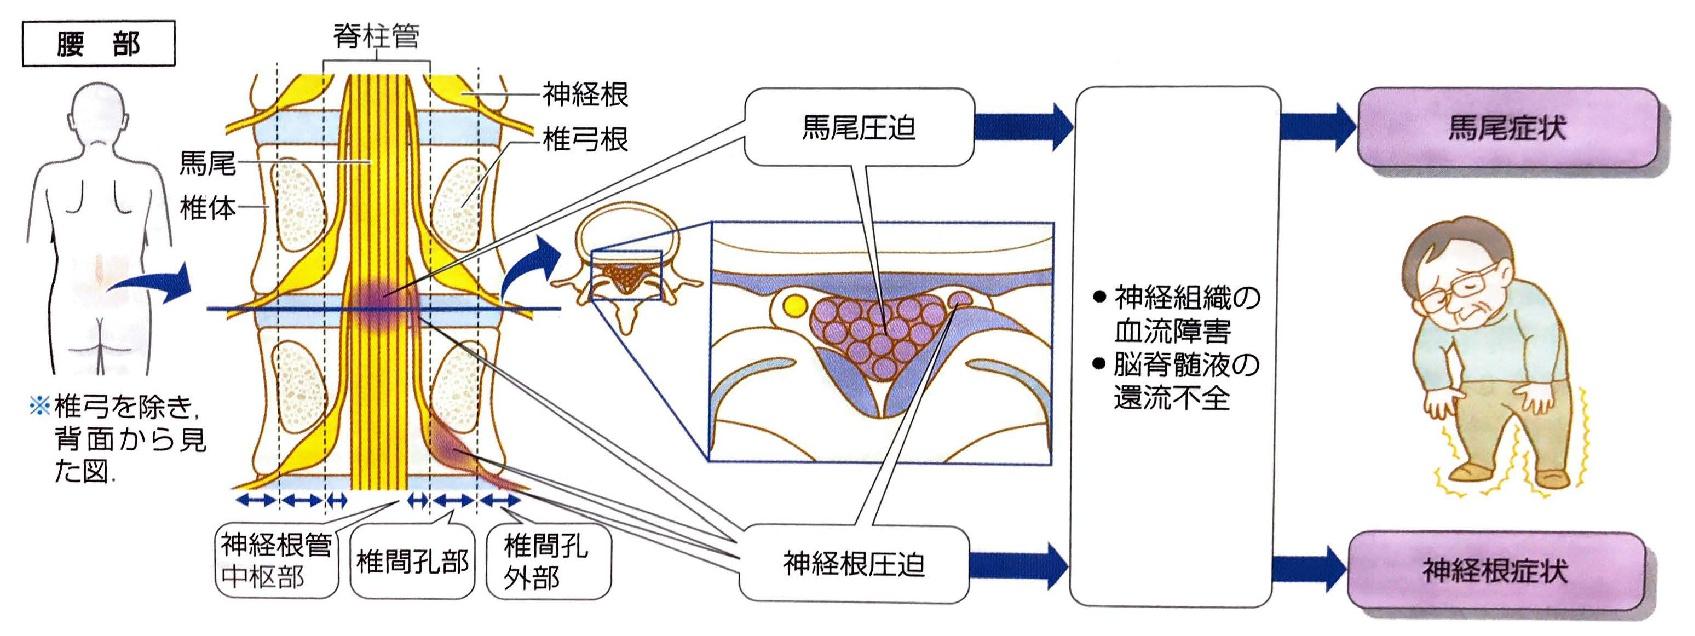 症 管 と 脊柱 は 腰部 狭窄